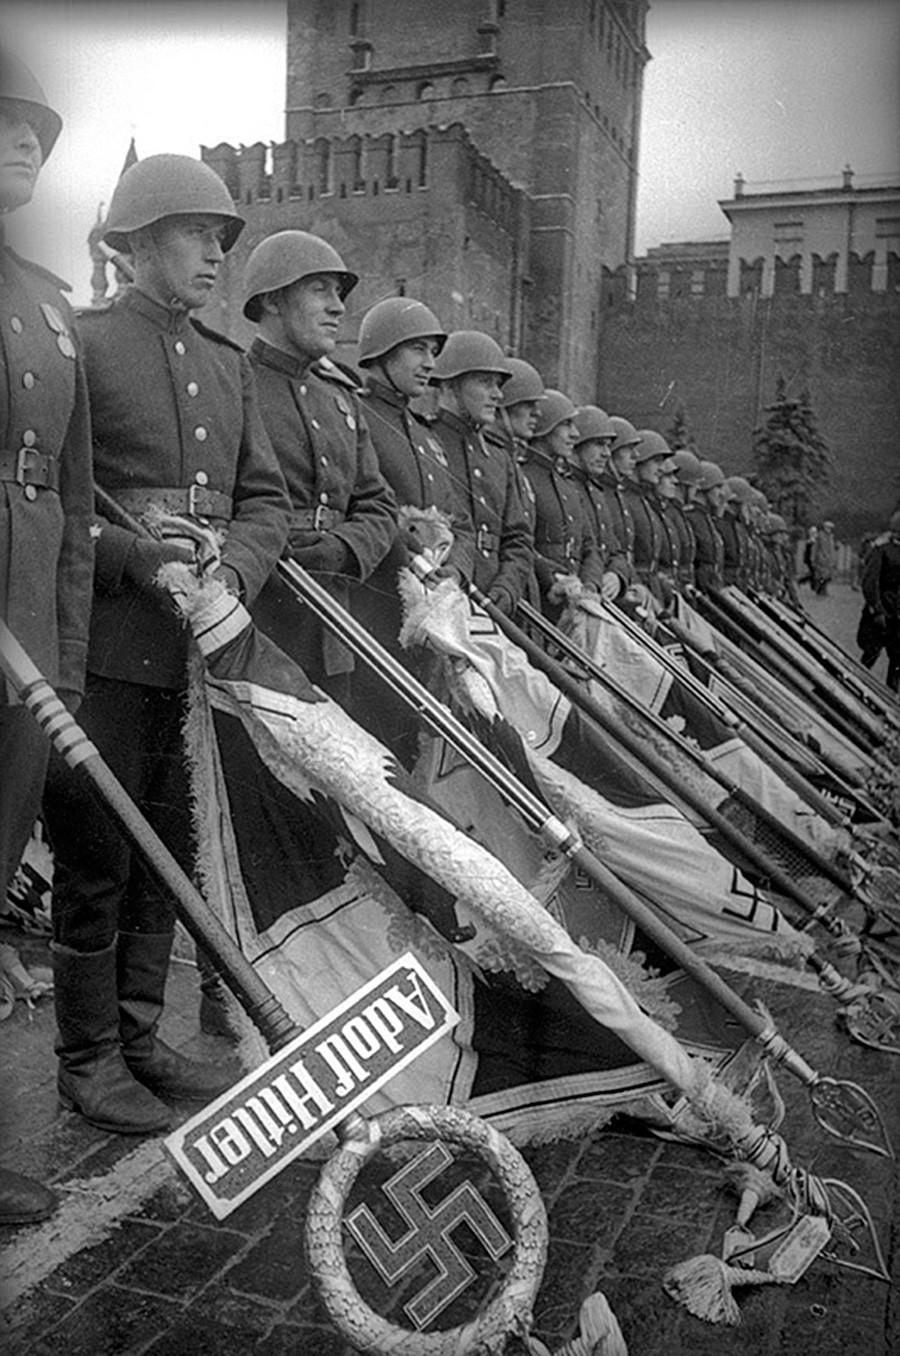 Erbeutete Fahnen der Nazi-Deutschen